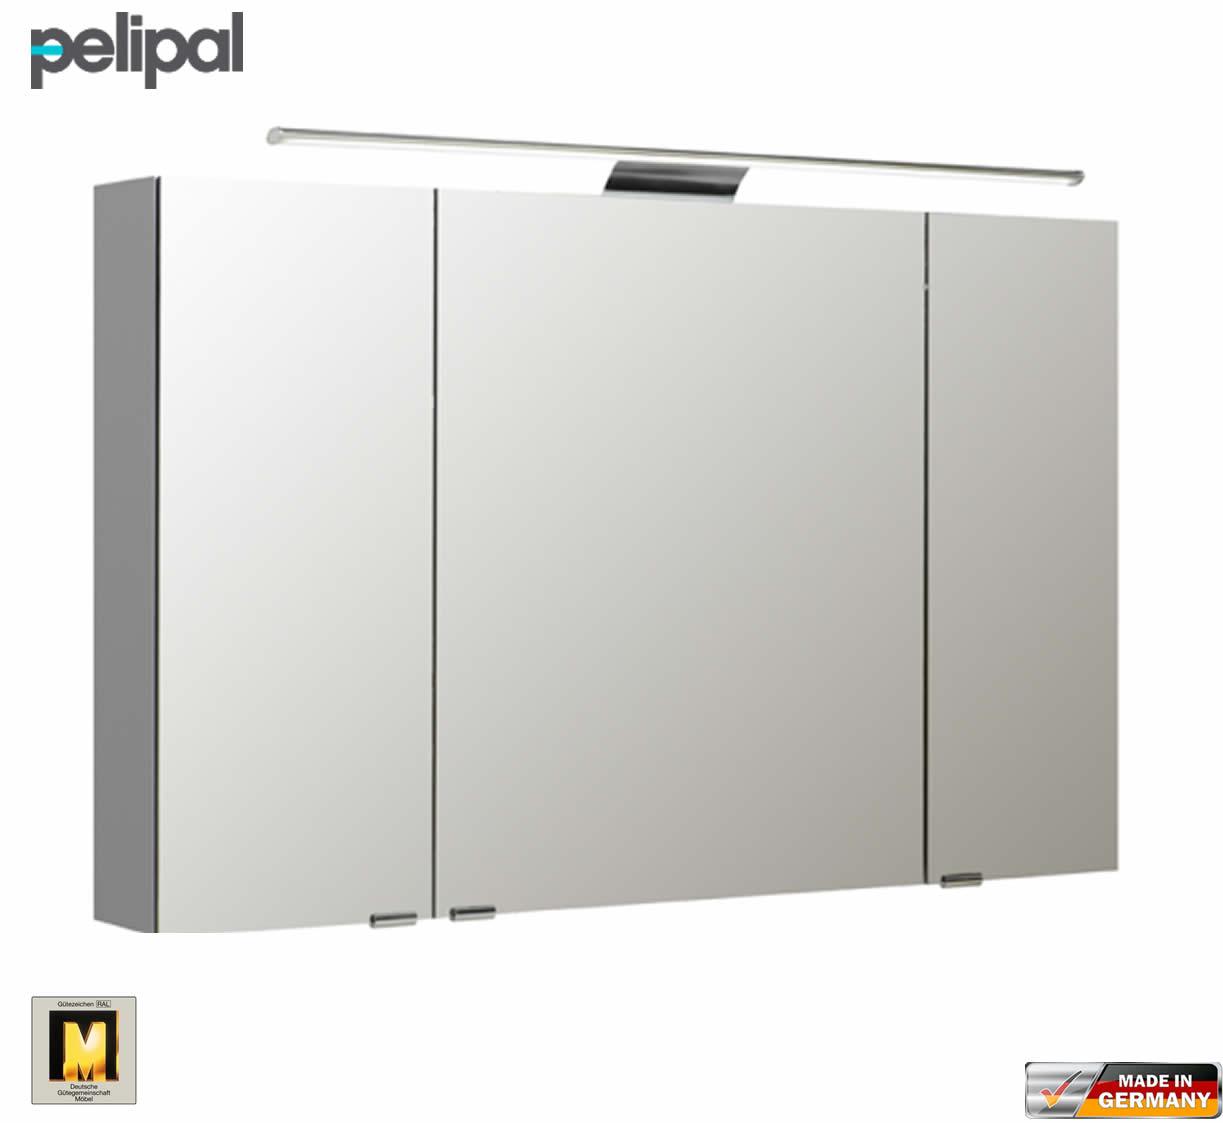 Pelipal neutraler spiegelschrank s5 110 cm mit led for Spiegelschrank 110 cm breit